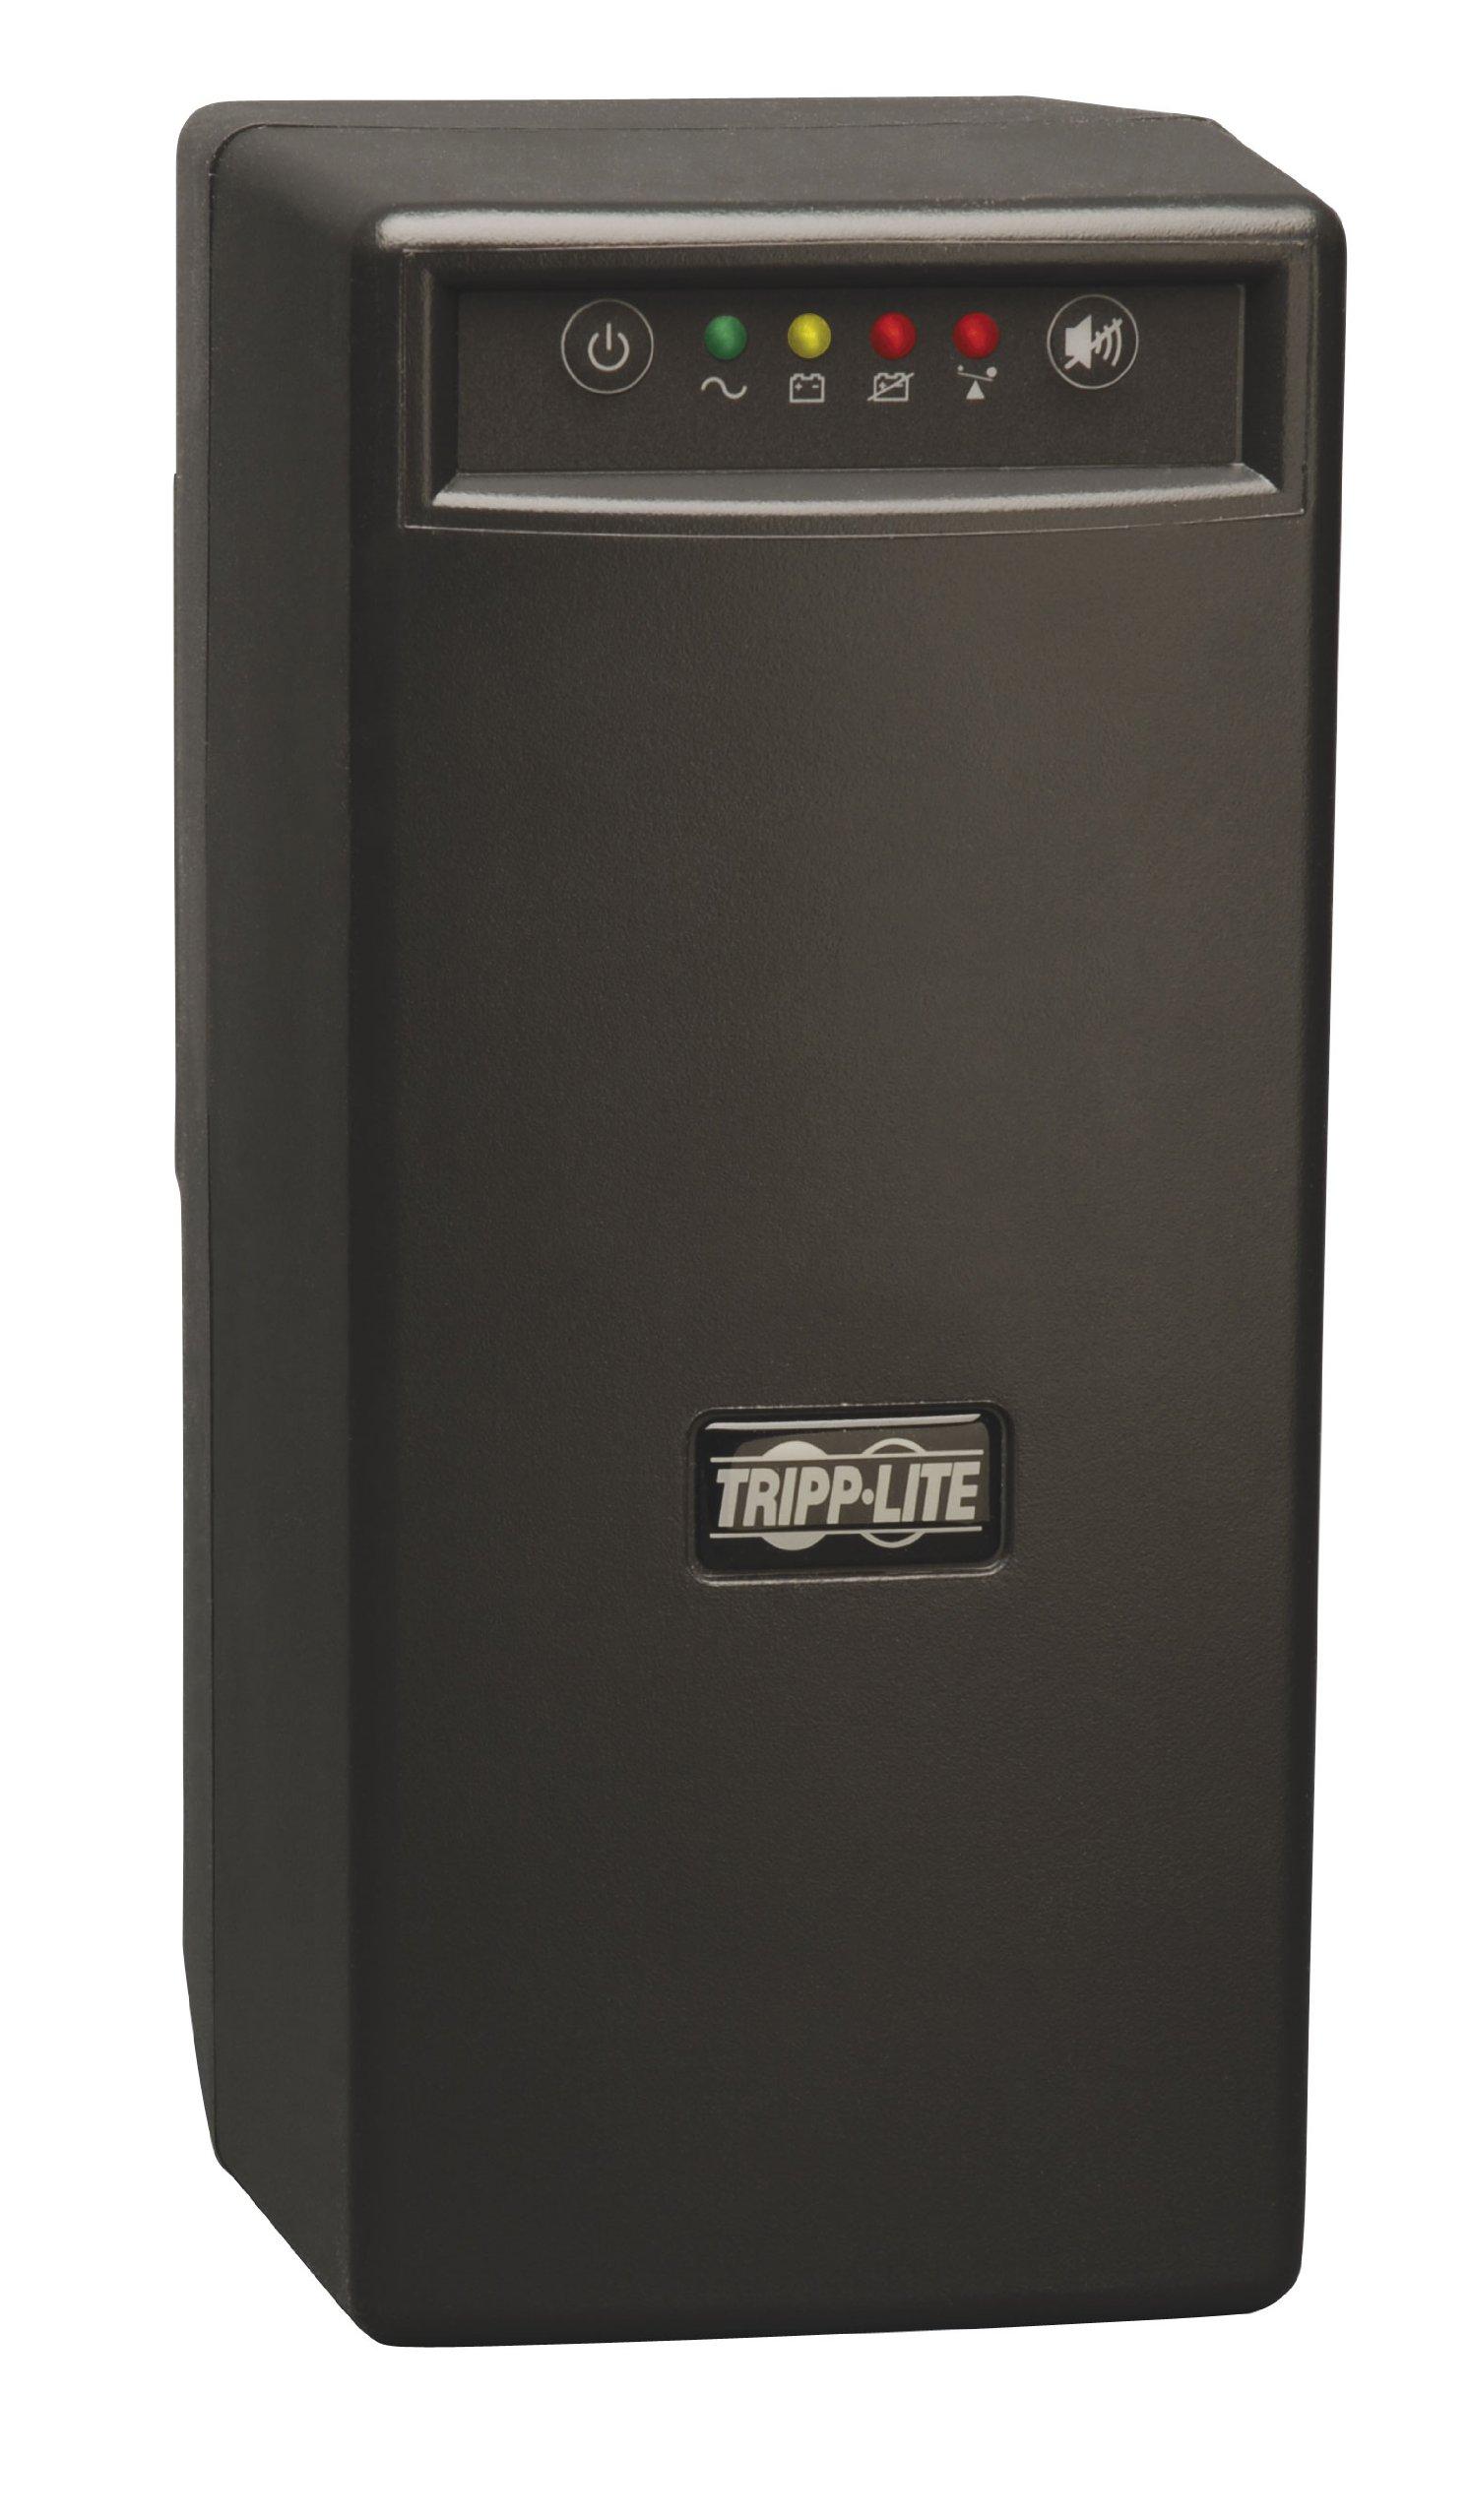 Tripp Lite BC600SINE 600VA 375W UPS Battery Back Up Pure Sine Wave PFC Tower 120V USB, 6 Outlets